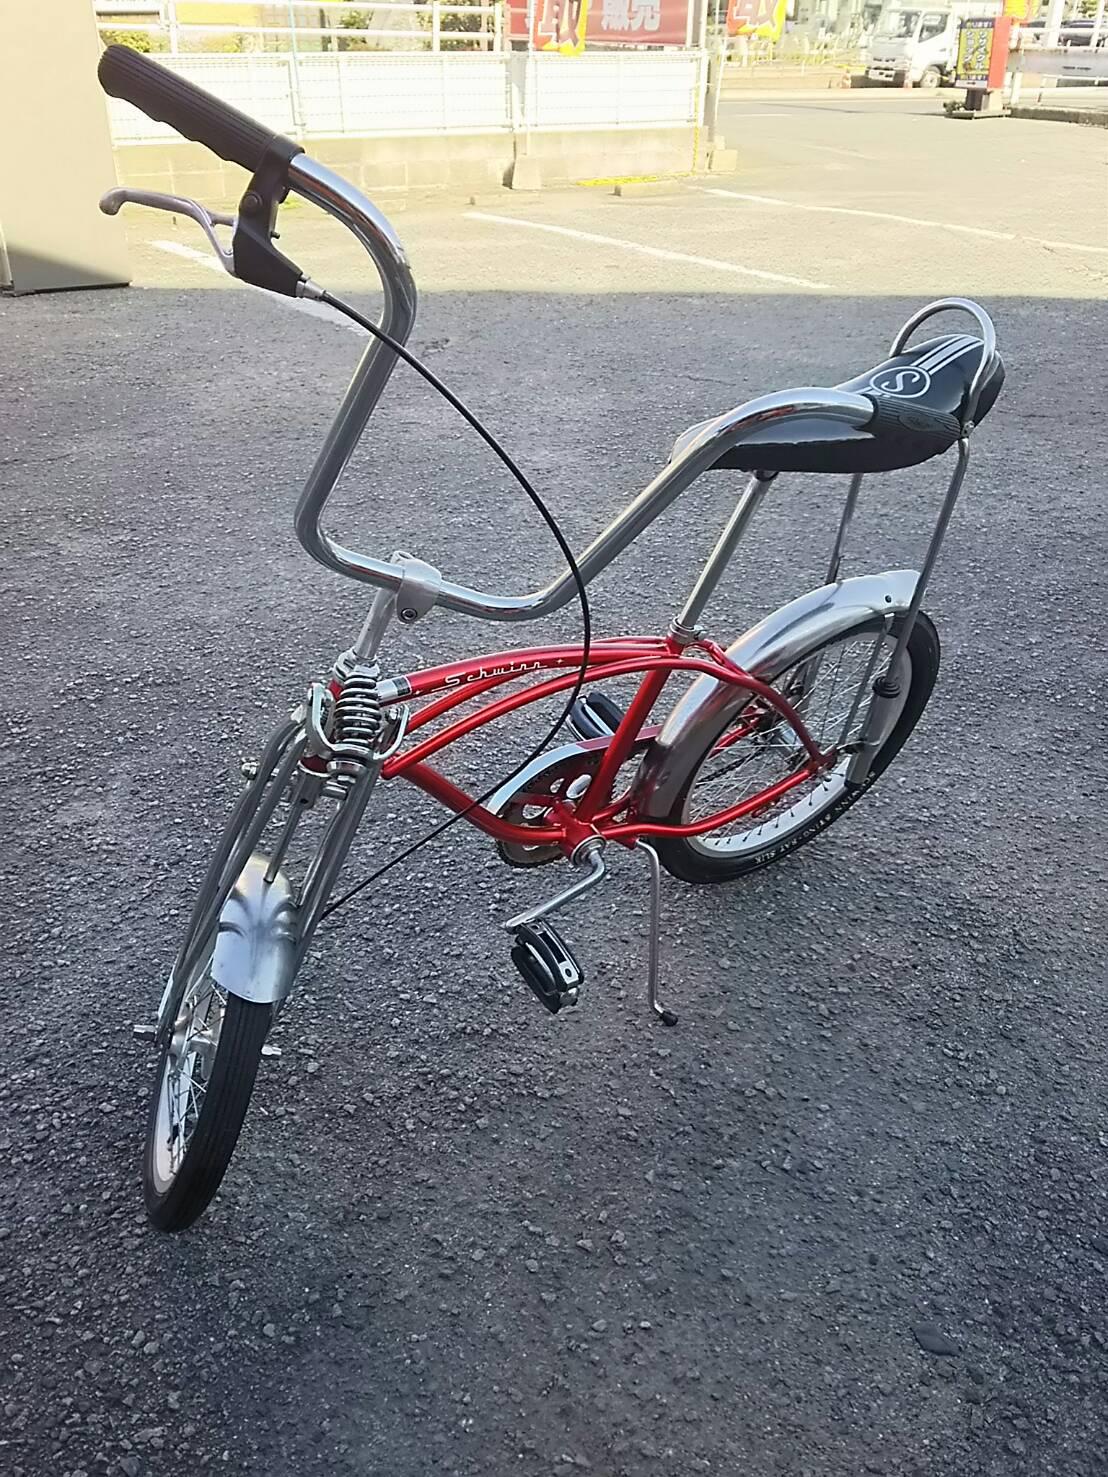 自転車も各種取り揃えております!!【schwinn stingray シュウィン スティングレイ 自転車 アメリカンバイク】を買取致しました。の買取-